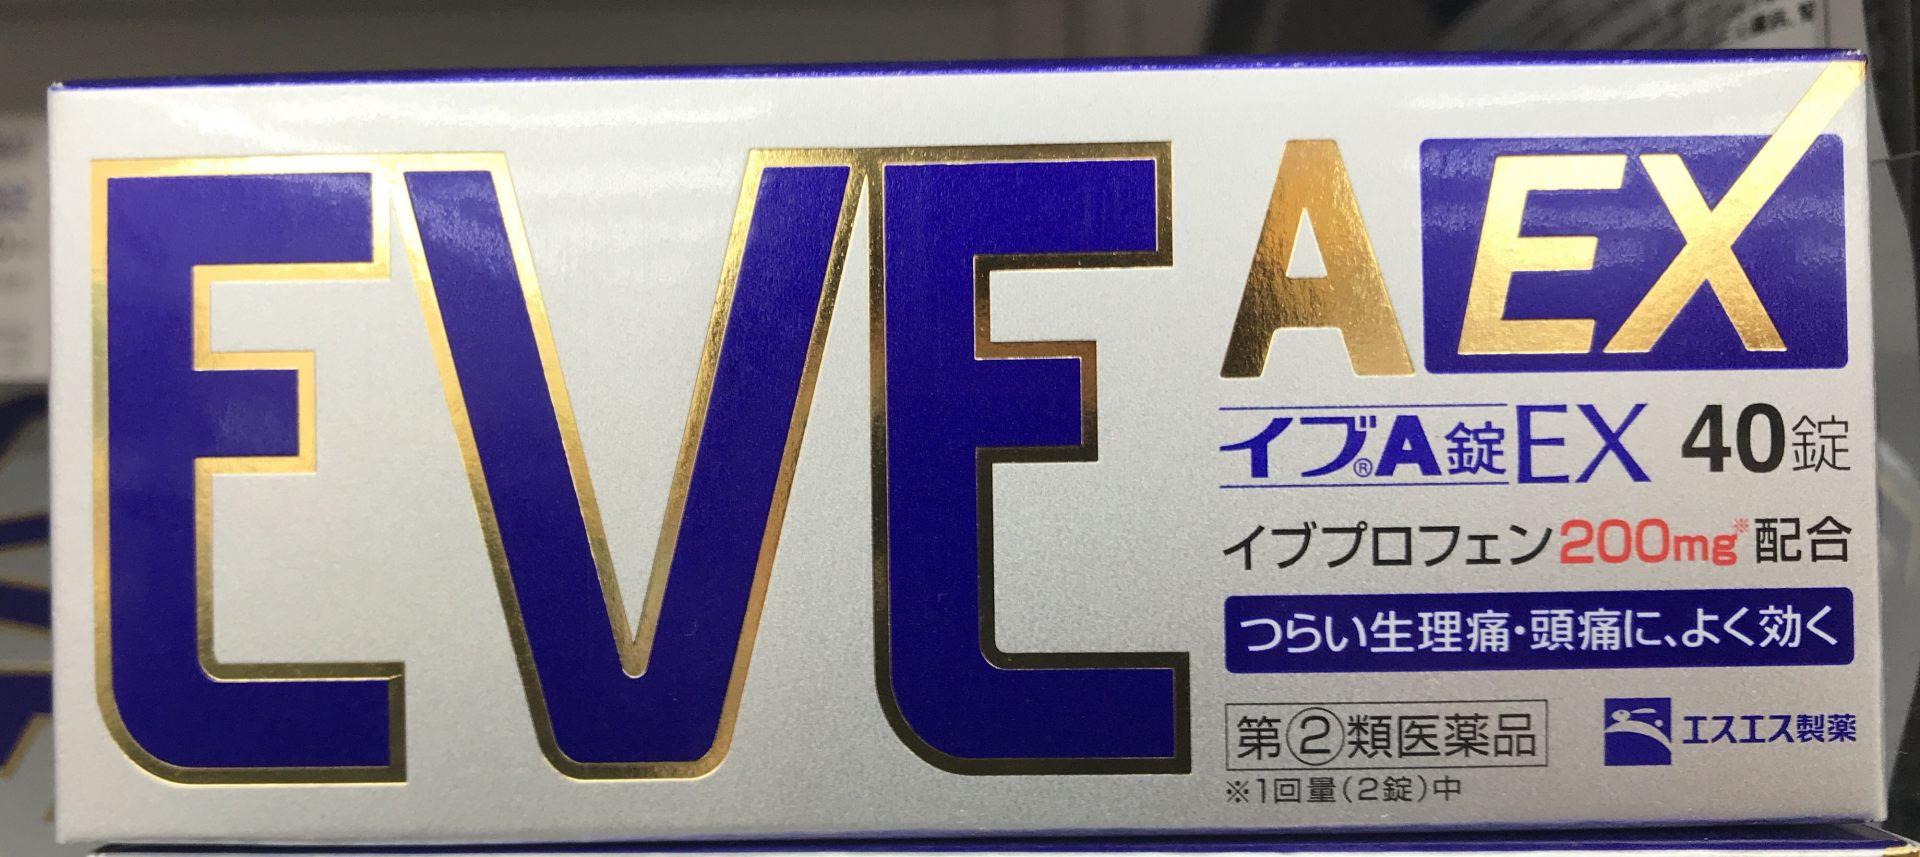 EVE A锭 EX